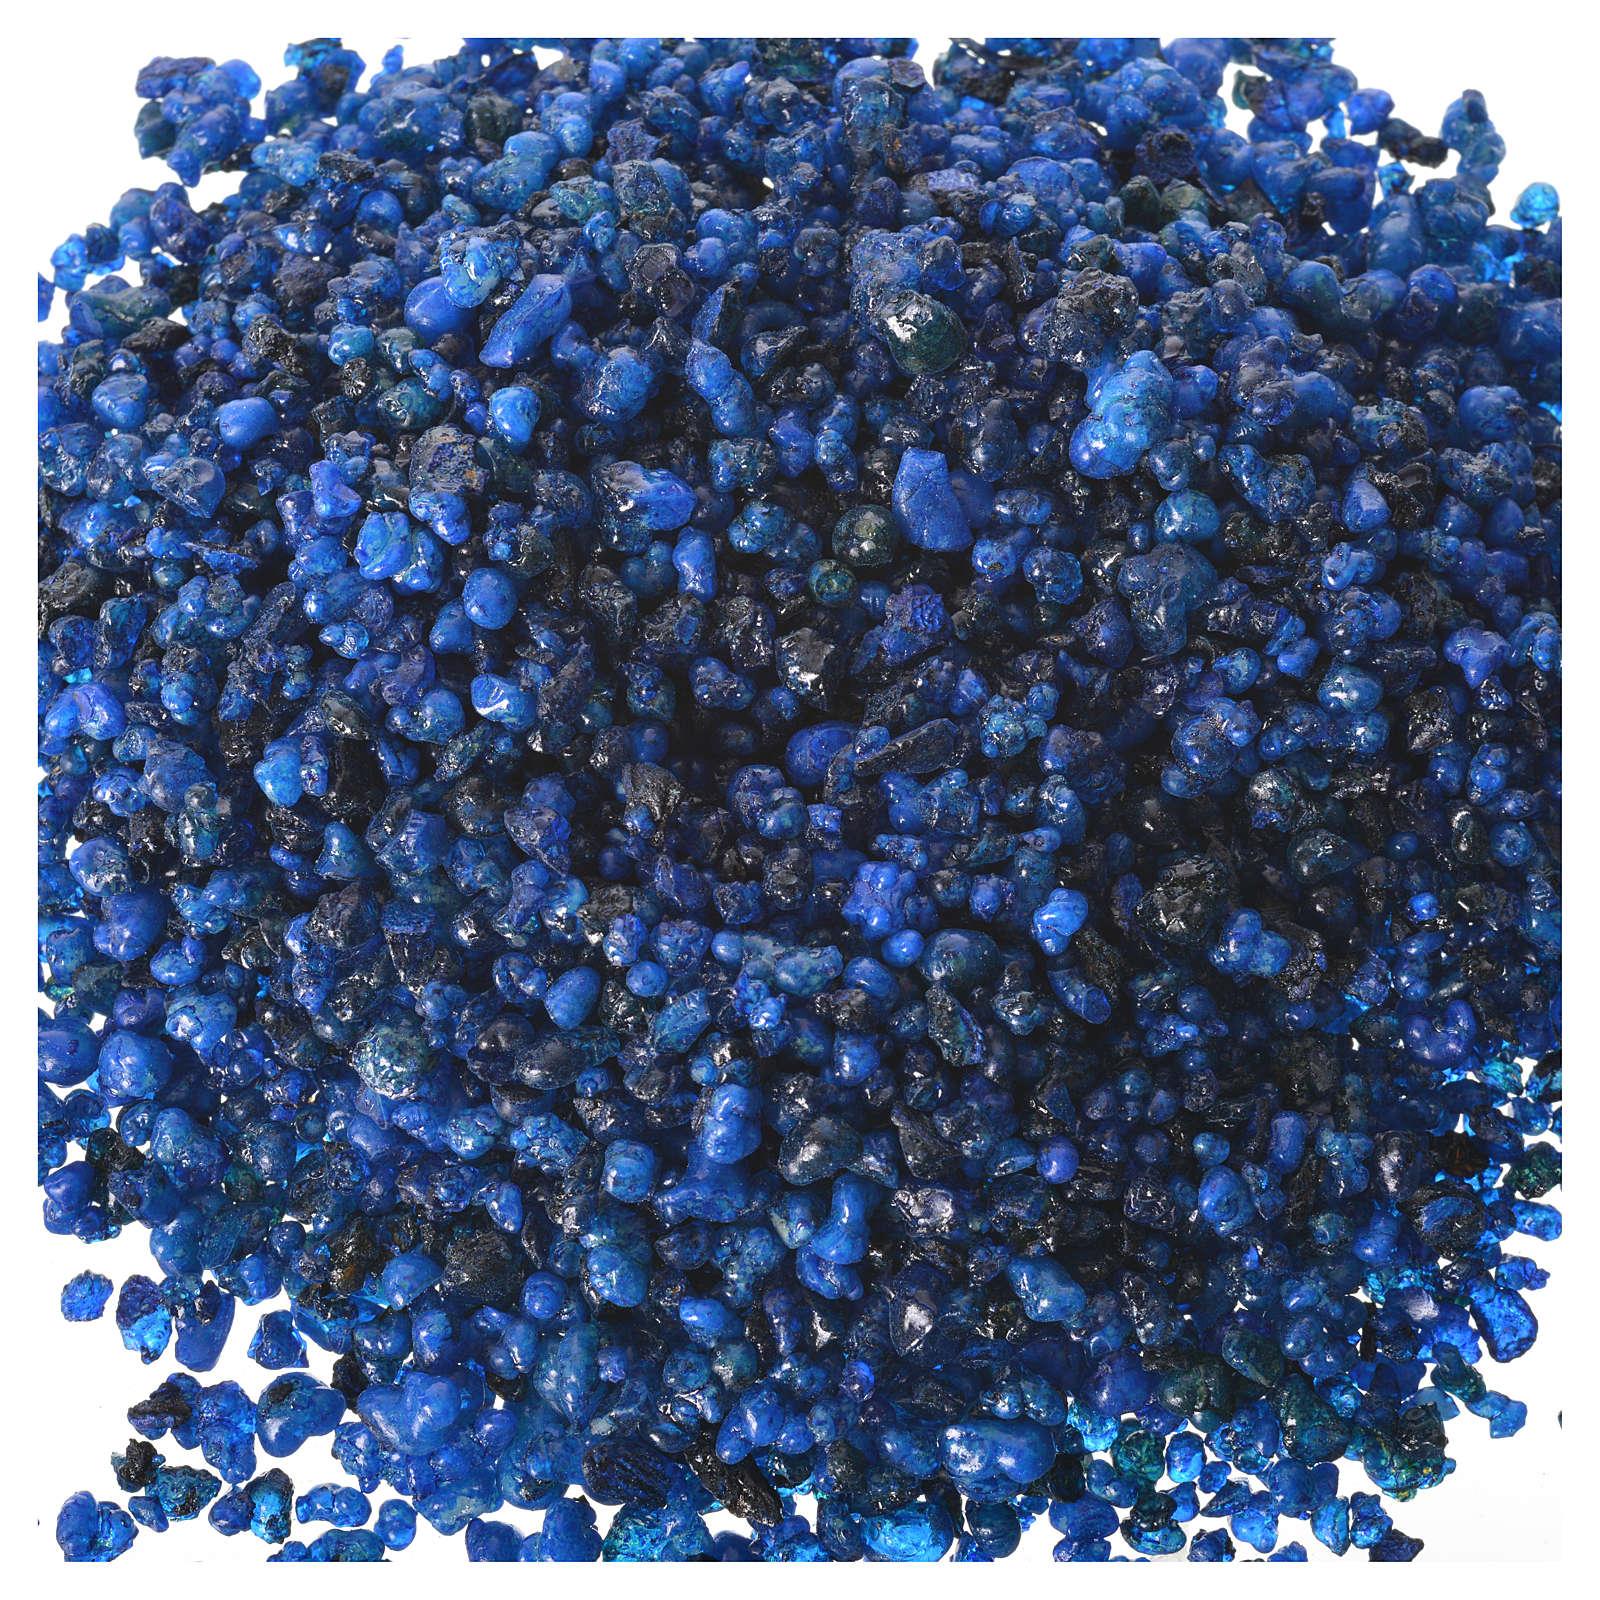 Kadzidło Olibano niebieskie zapachowe 500g 3